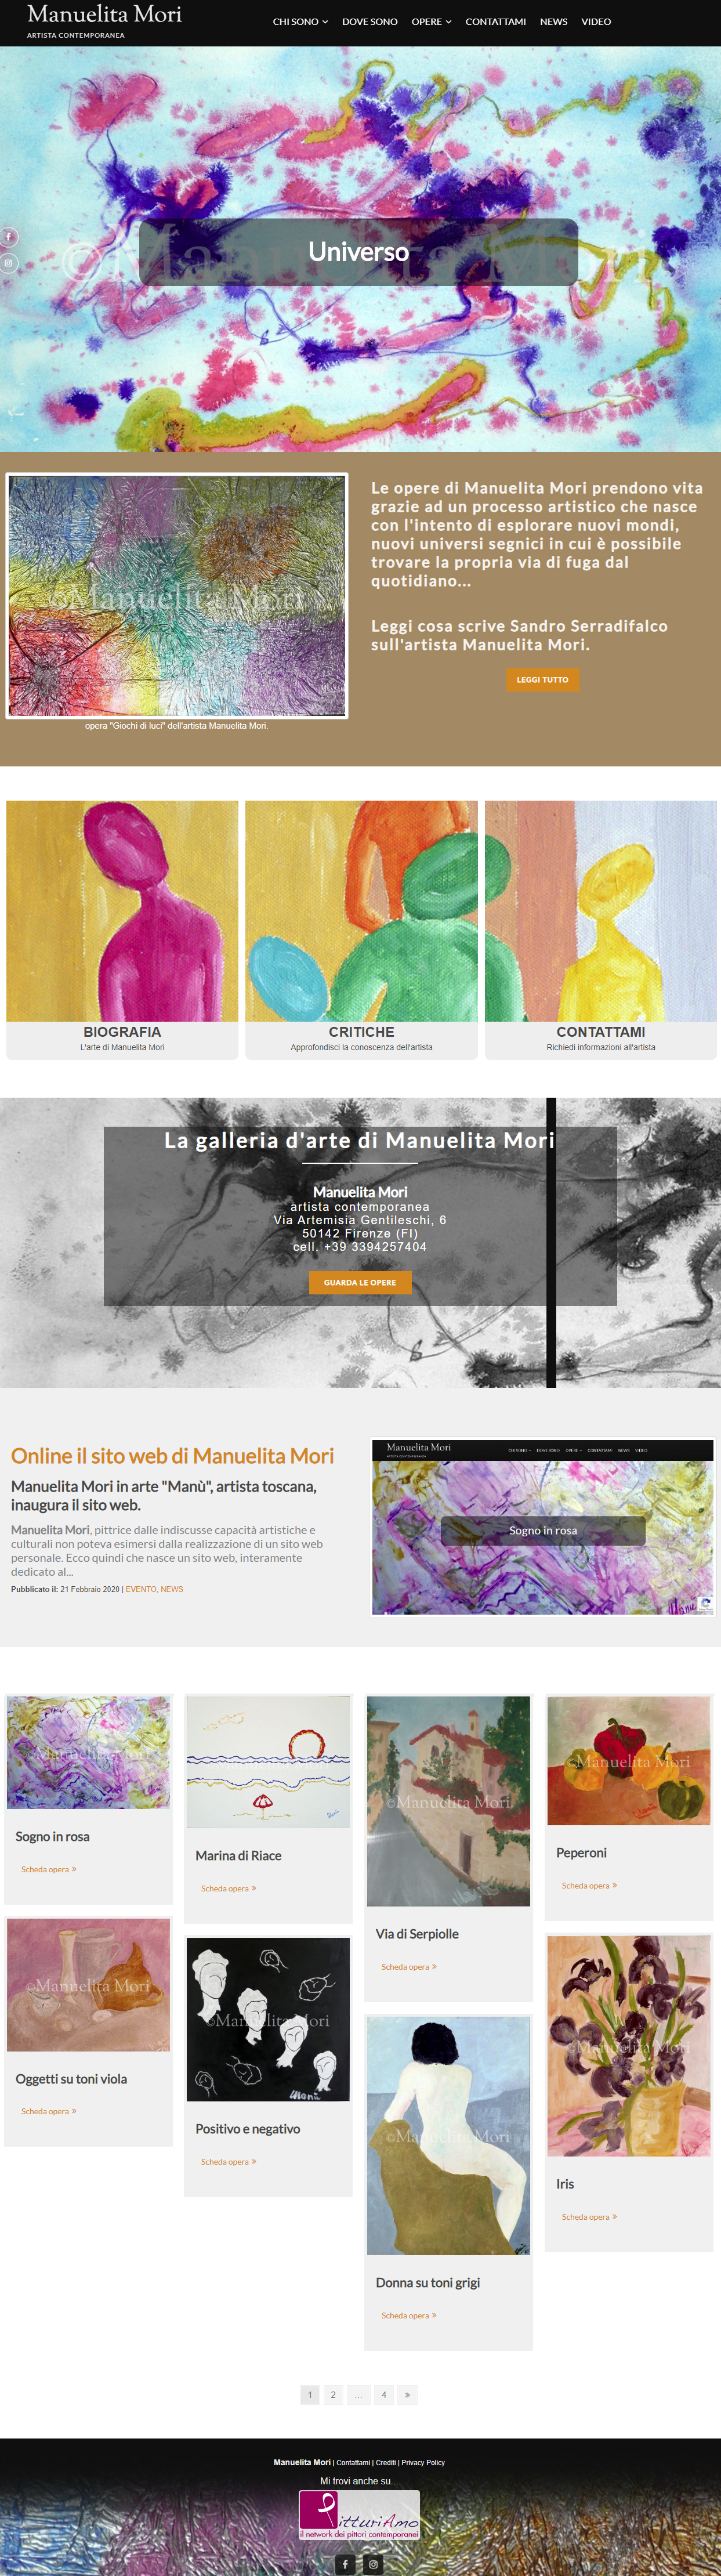 Il sito d'arte personale di Manuelita Mori - Homepage